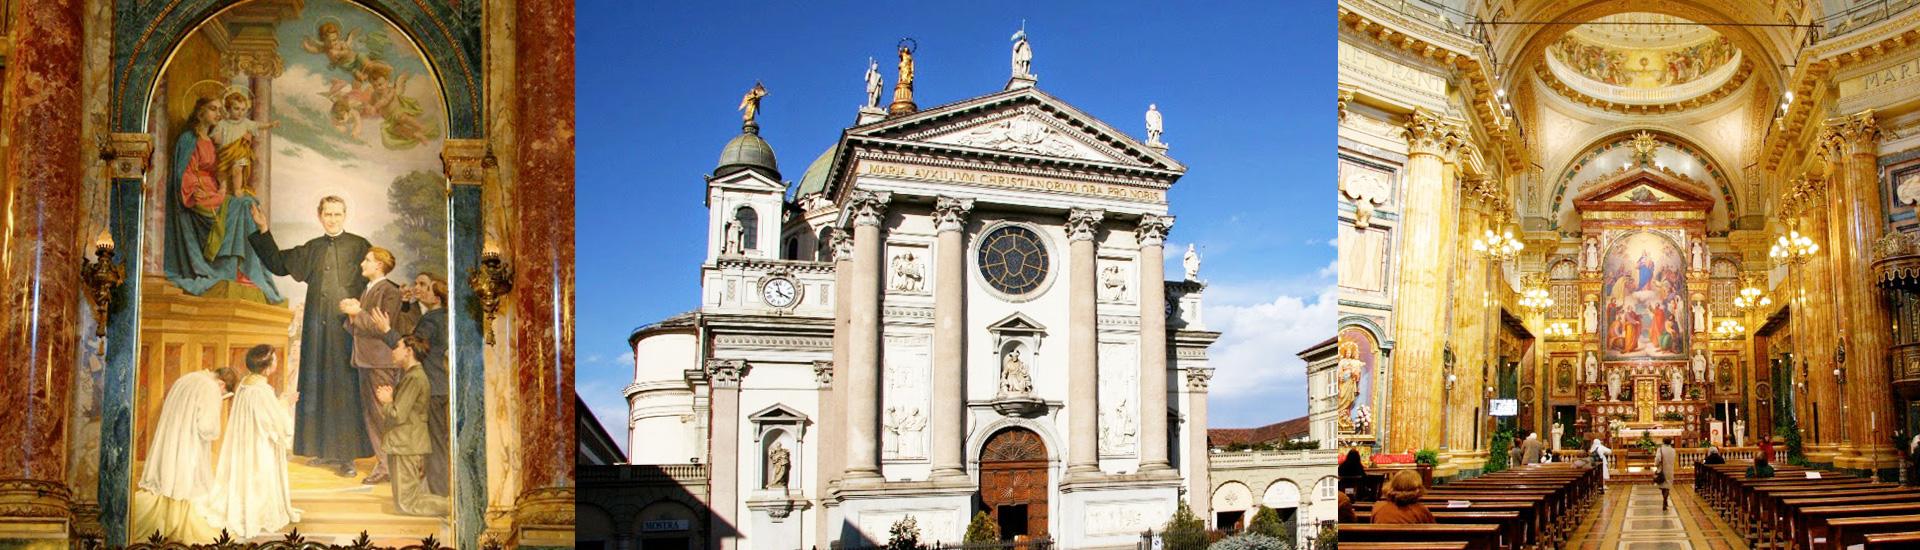 150 aniversario de la consagración de la Basílica de Turín